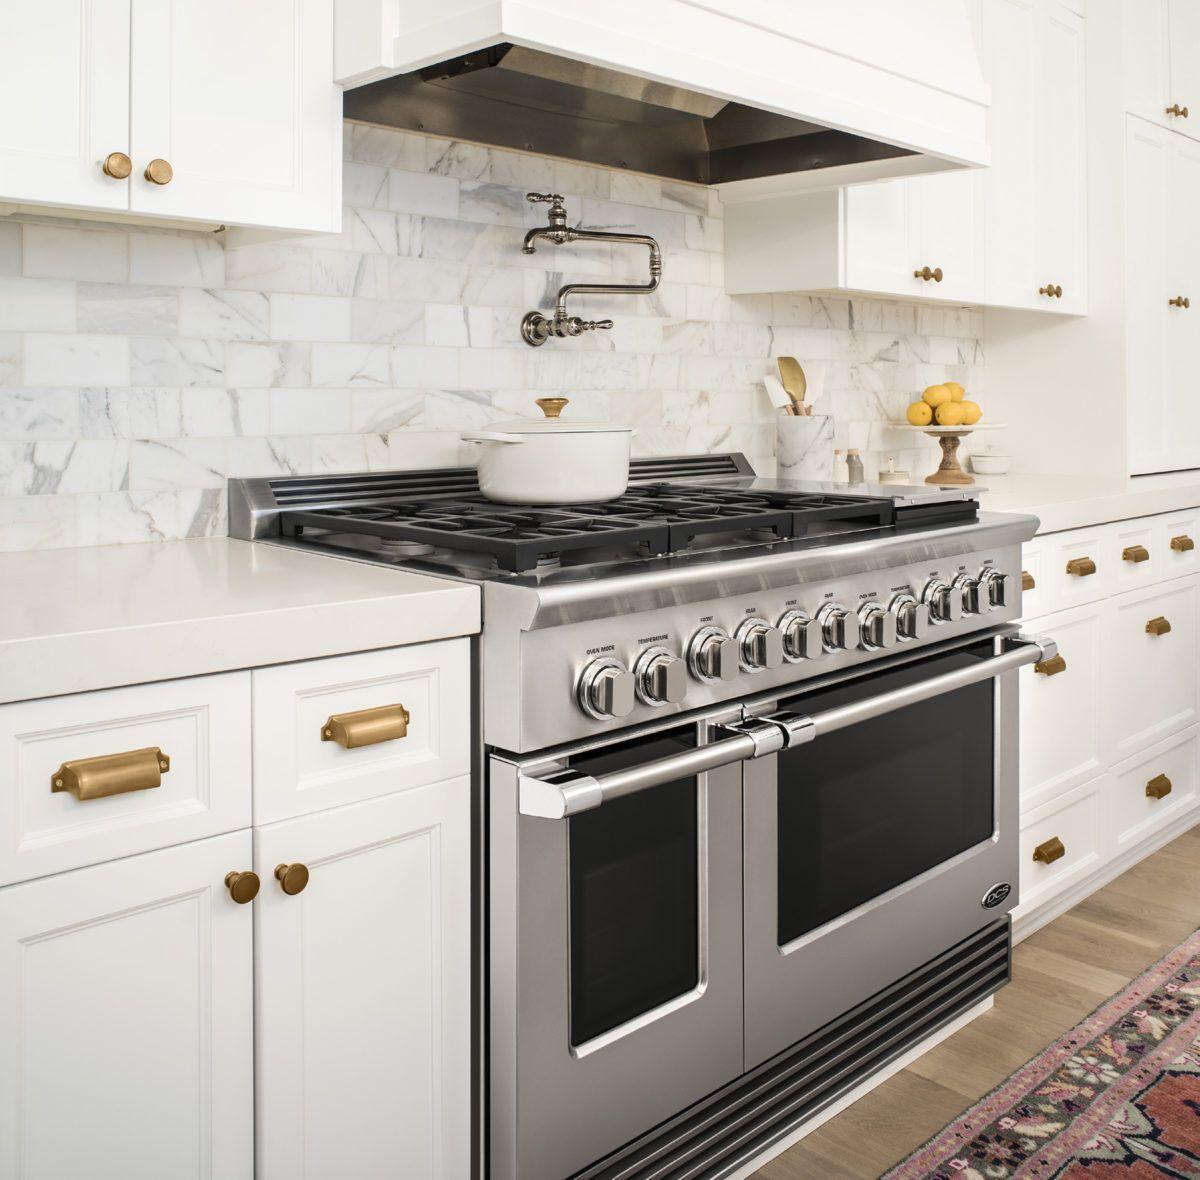 Gemütlich Küchendesign Fotos Eichenschränke Fotos - Ideen Für Die ...